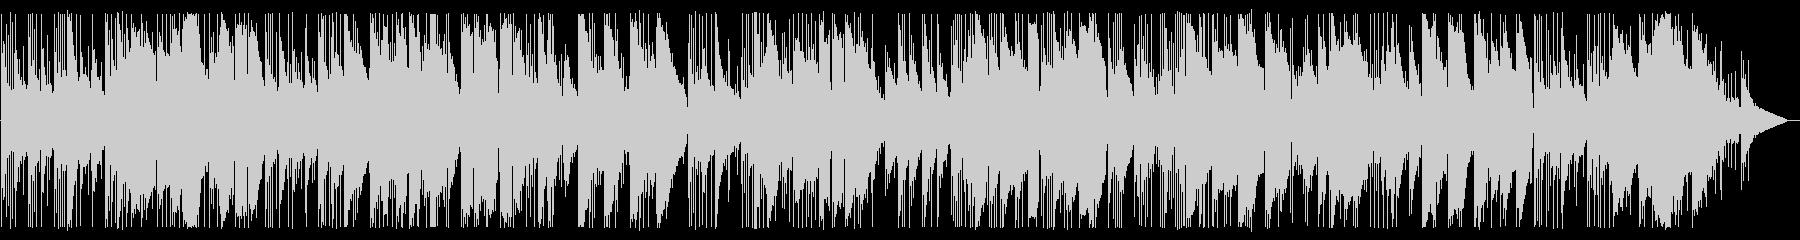 ギターデュオのイージーリスニングの未再生の波形